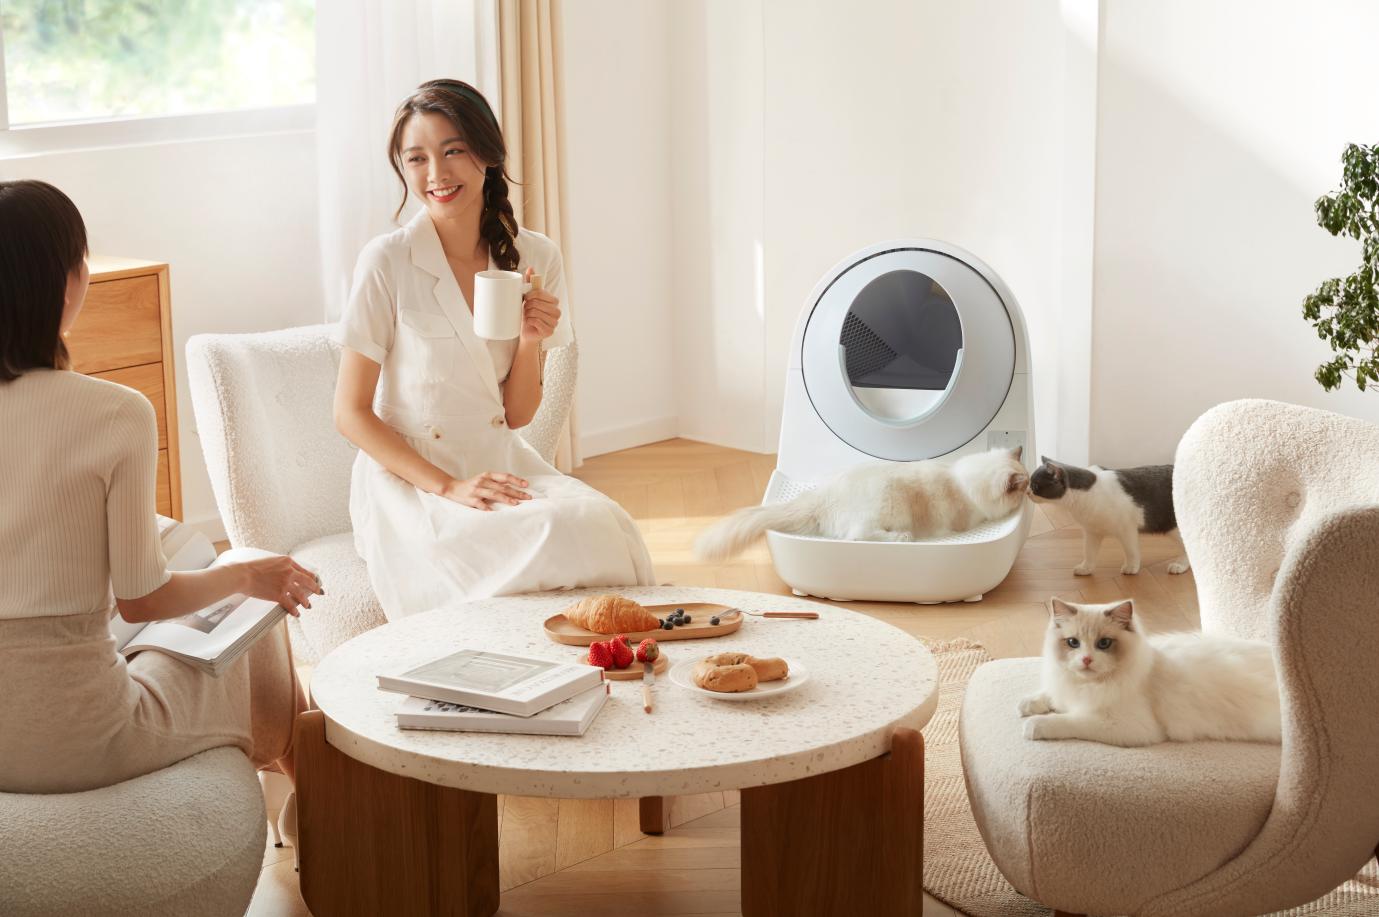 2021天猫金妆奖揭榜,宠物智能家居品牌CATLINK揽获两项大奖